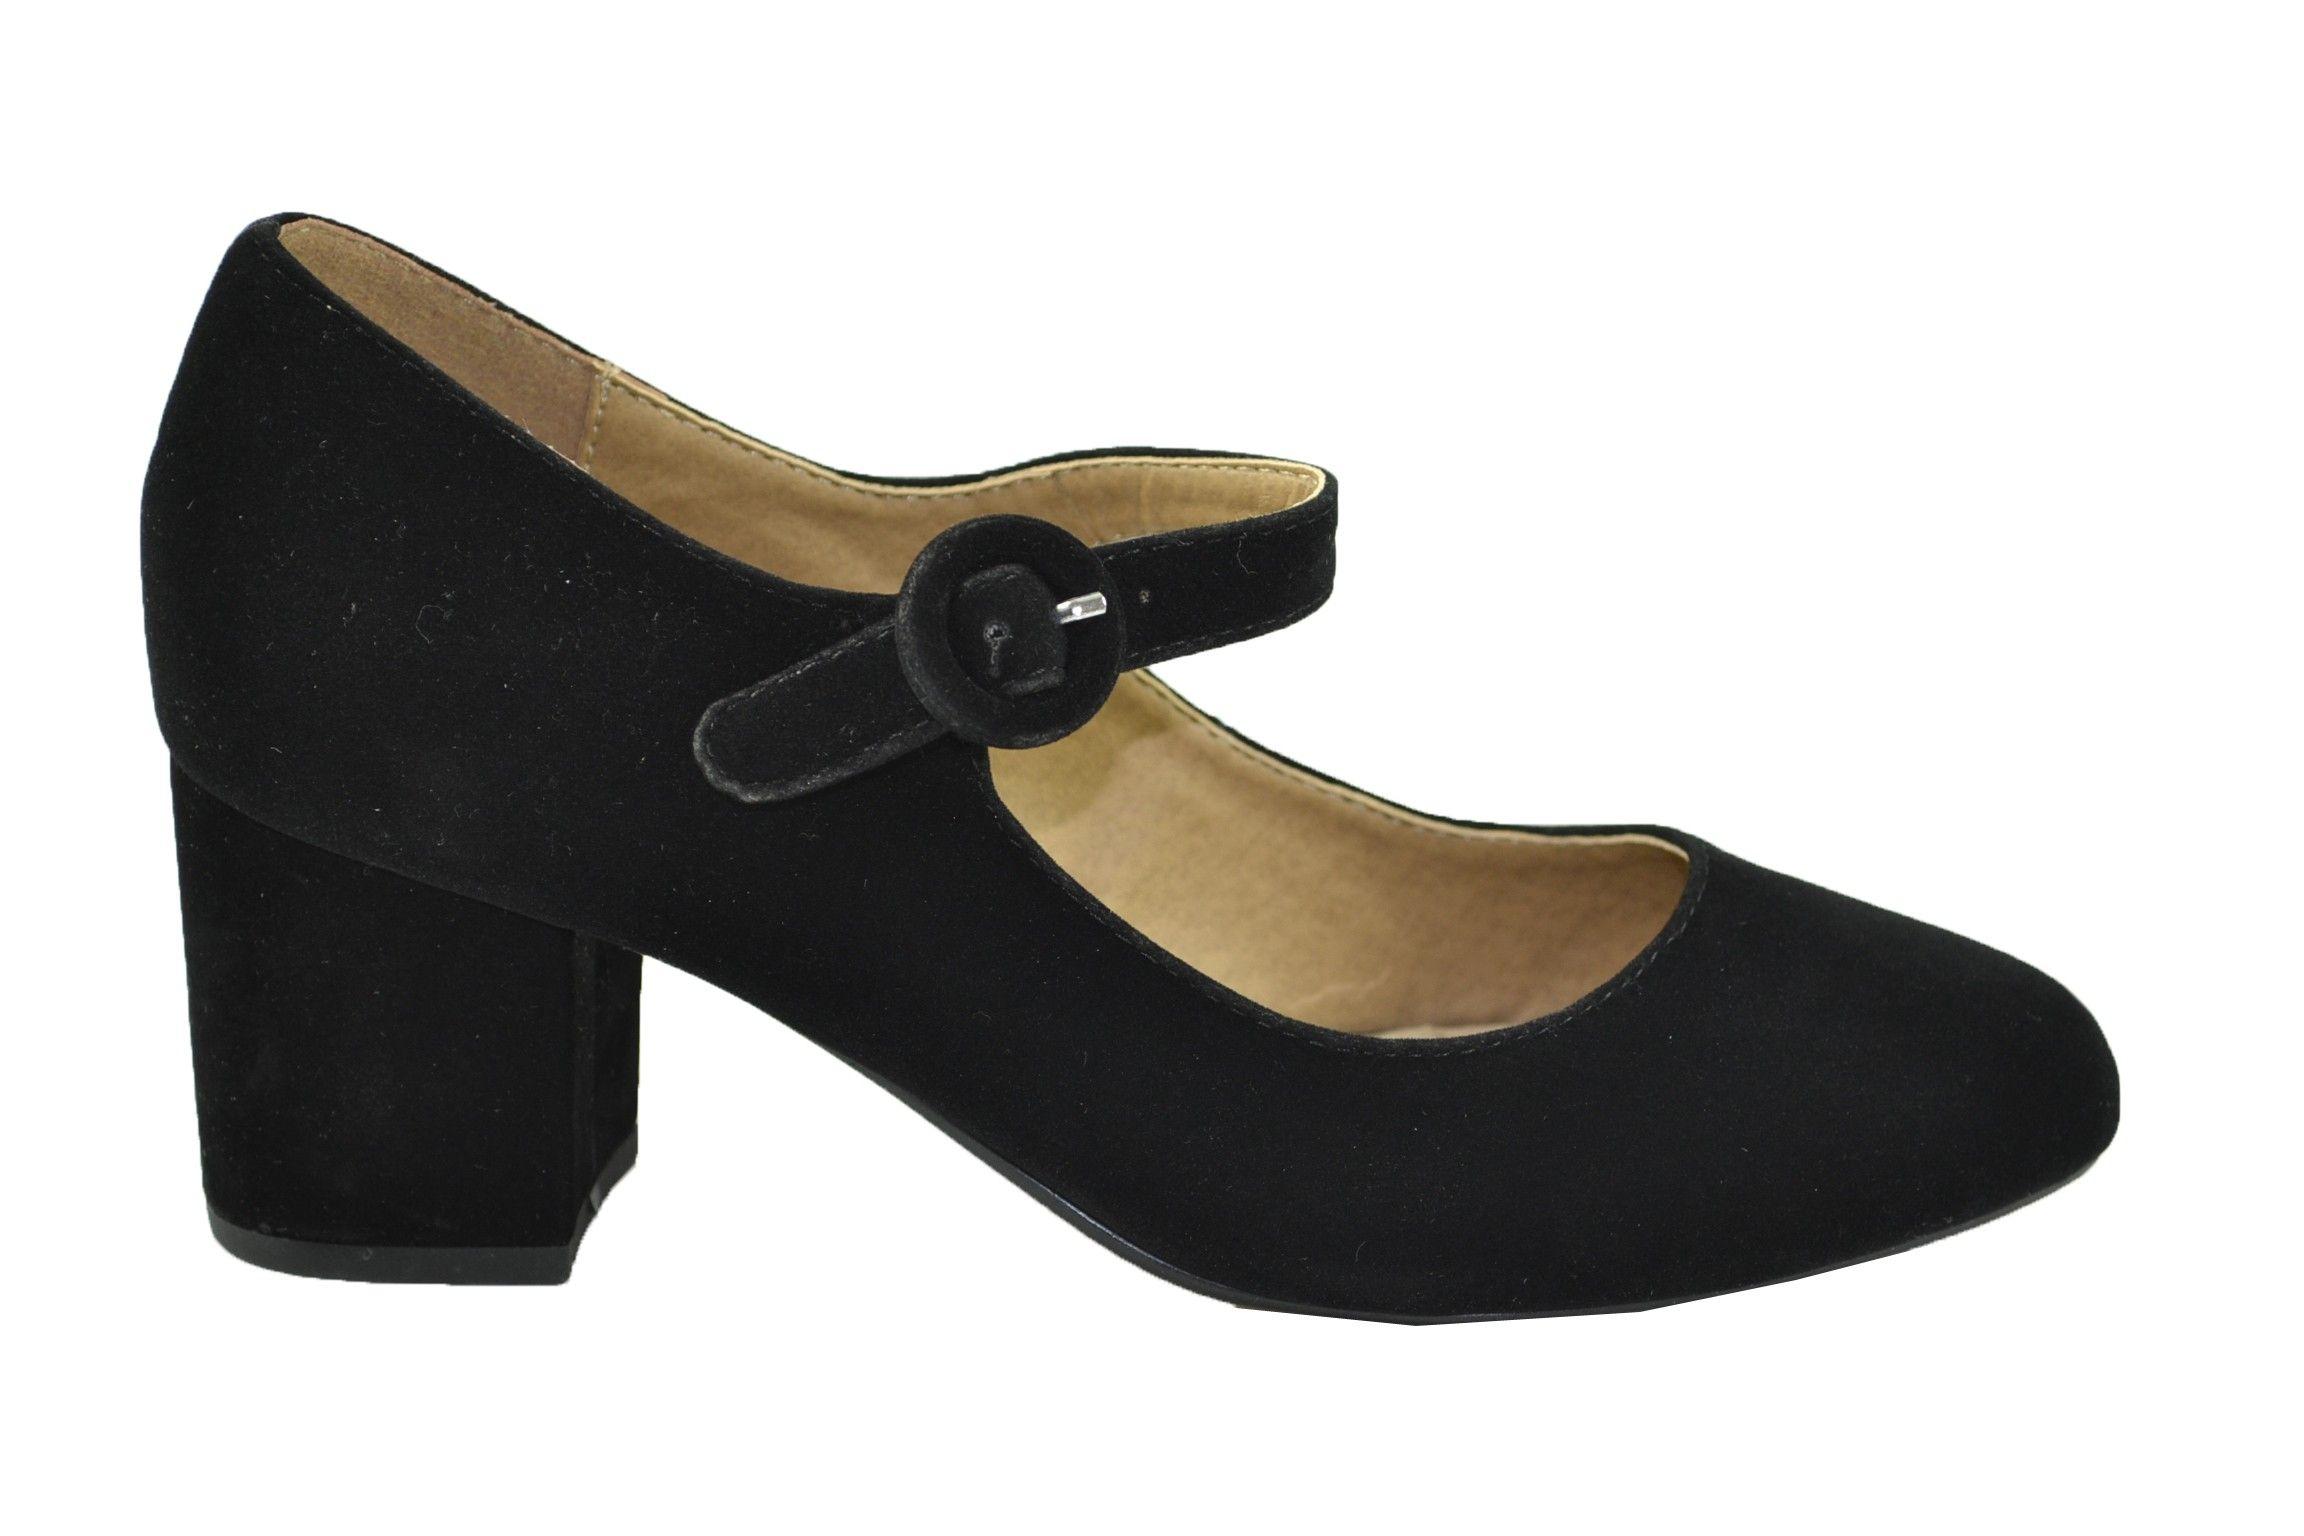 Zapatos Con Tacón Mary Jane De Mujer. De la marca Maria Mare